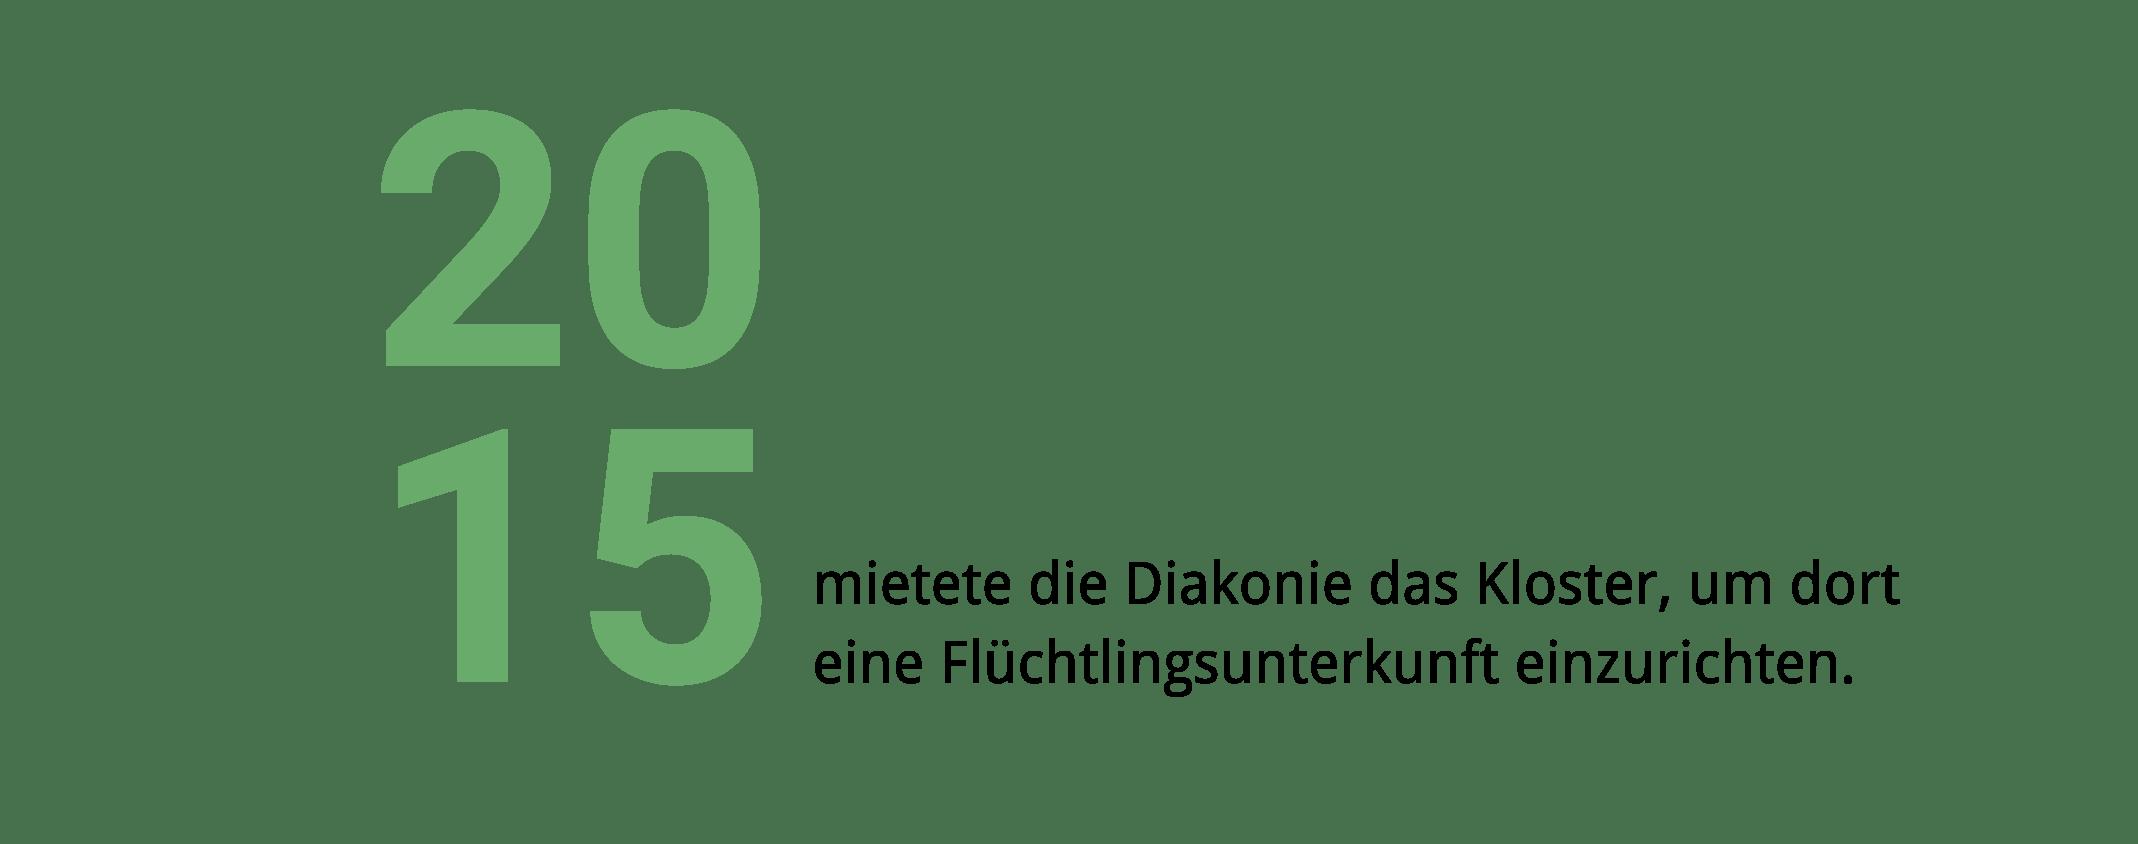 Timeline_Kloster_Eichgraben_Pfade-14